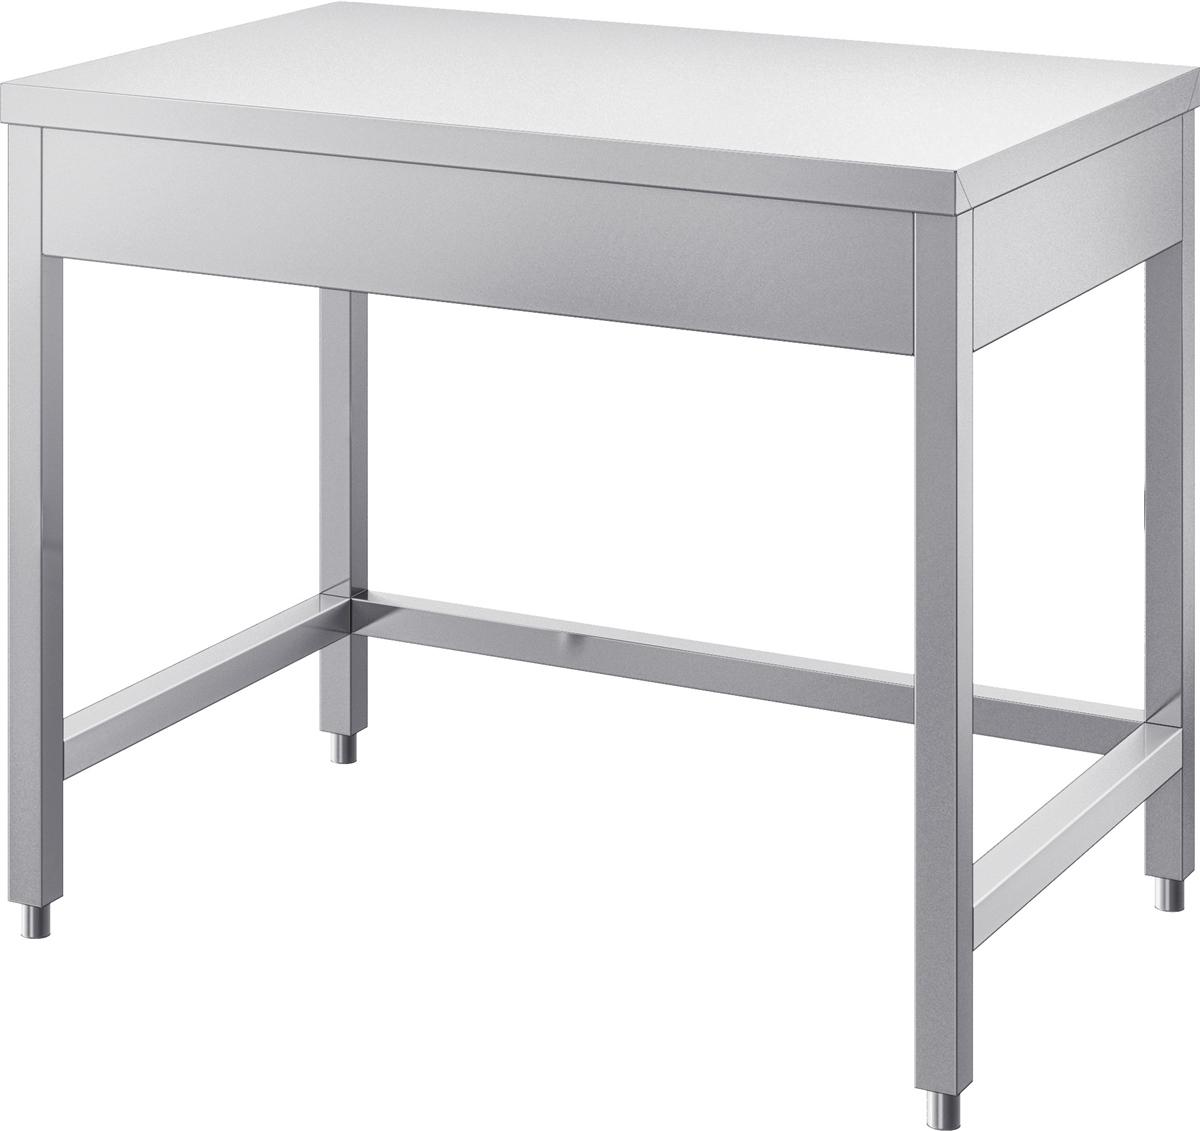 gam gastro edelstahl arbeitstisch tisch 70 cm breit neu. Black Bedroom Furniture Sets. Home Design Ideas